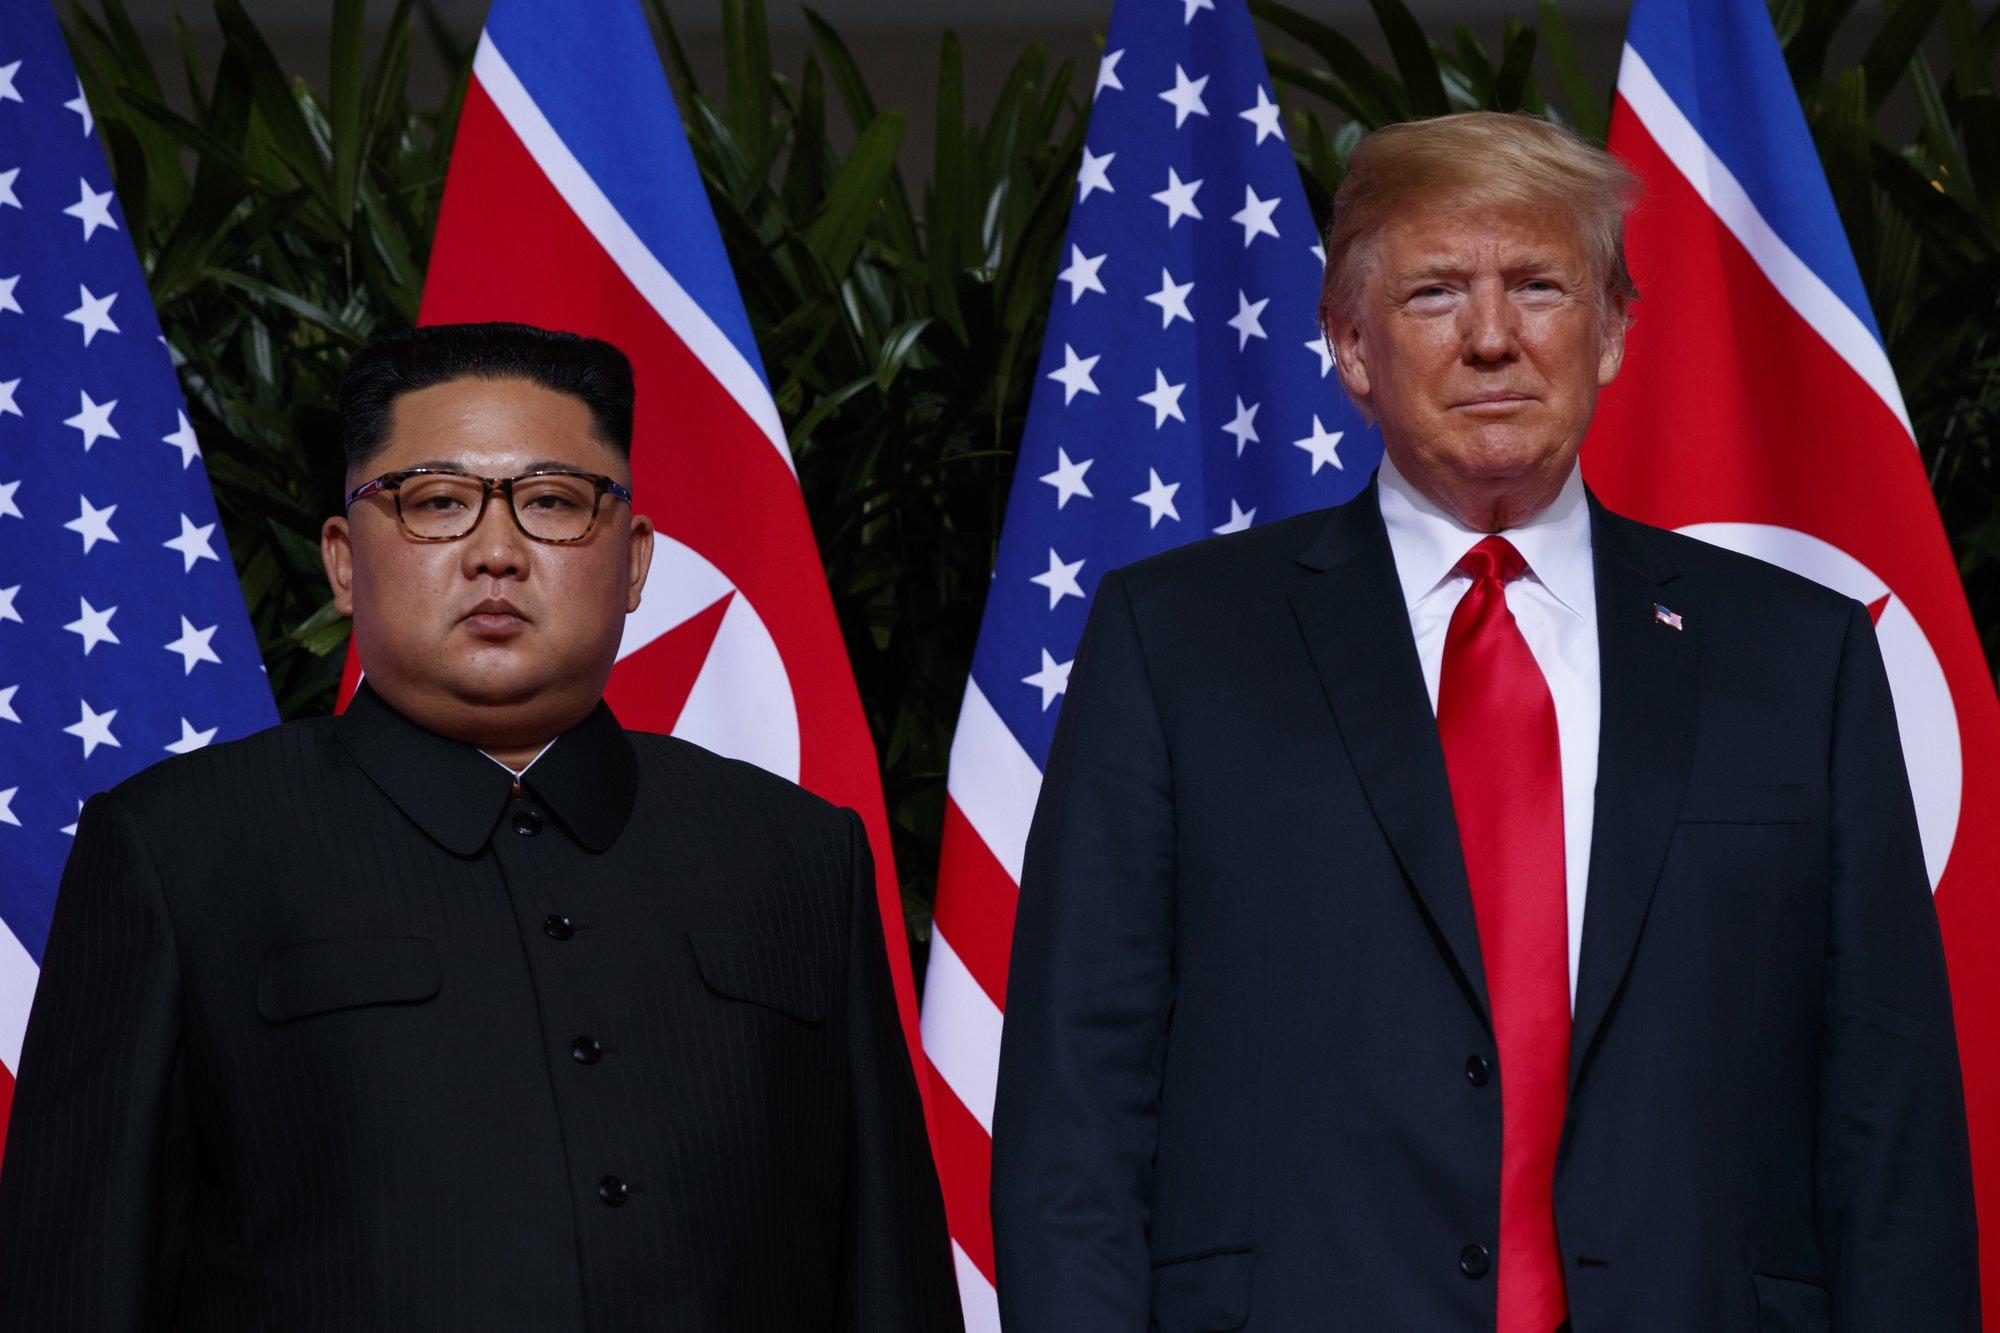 Nightmare result of US-NKorea talks: Bad deal, little change